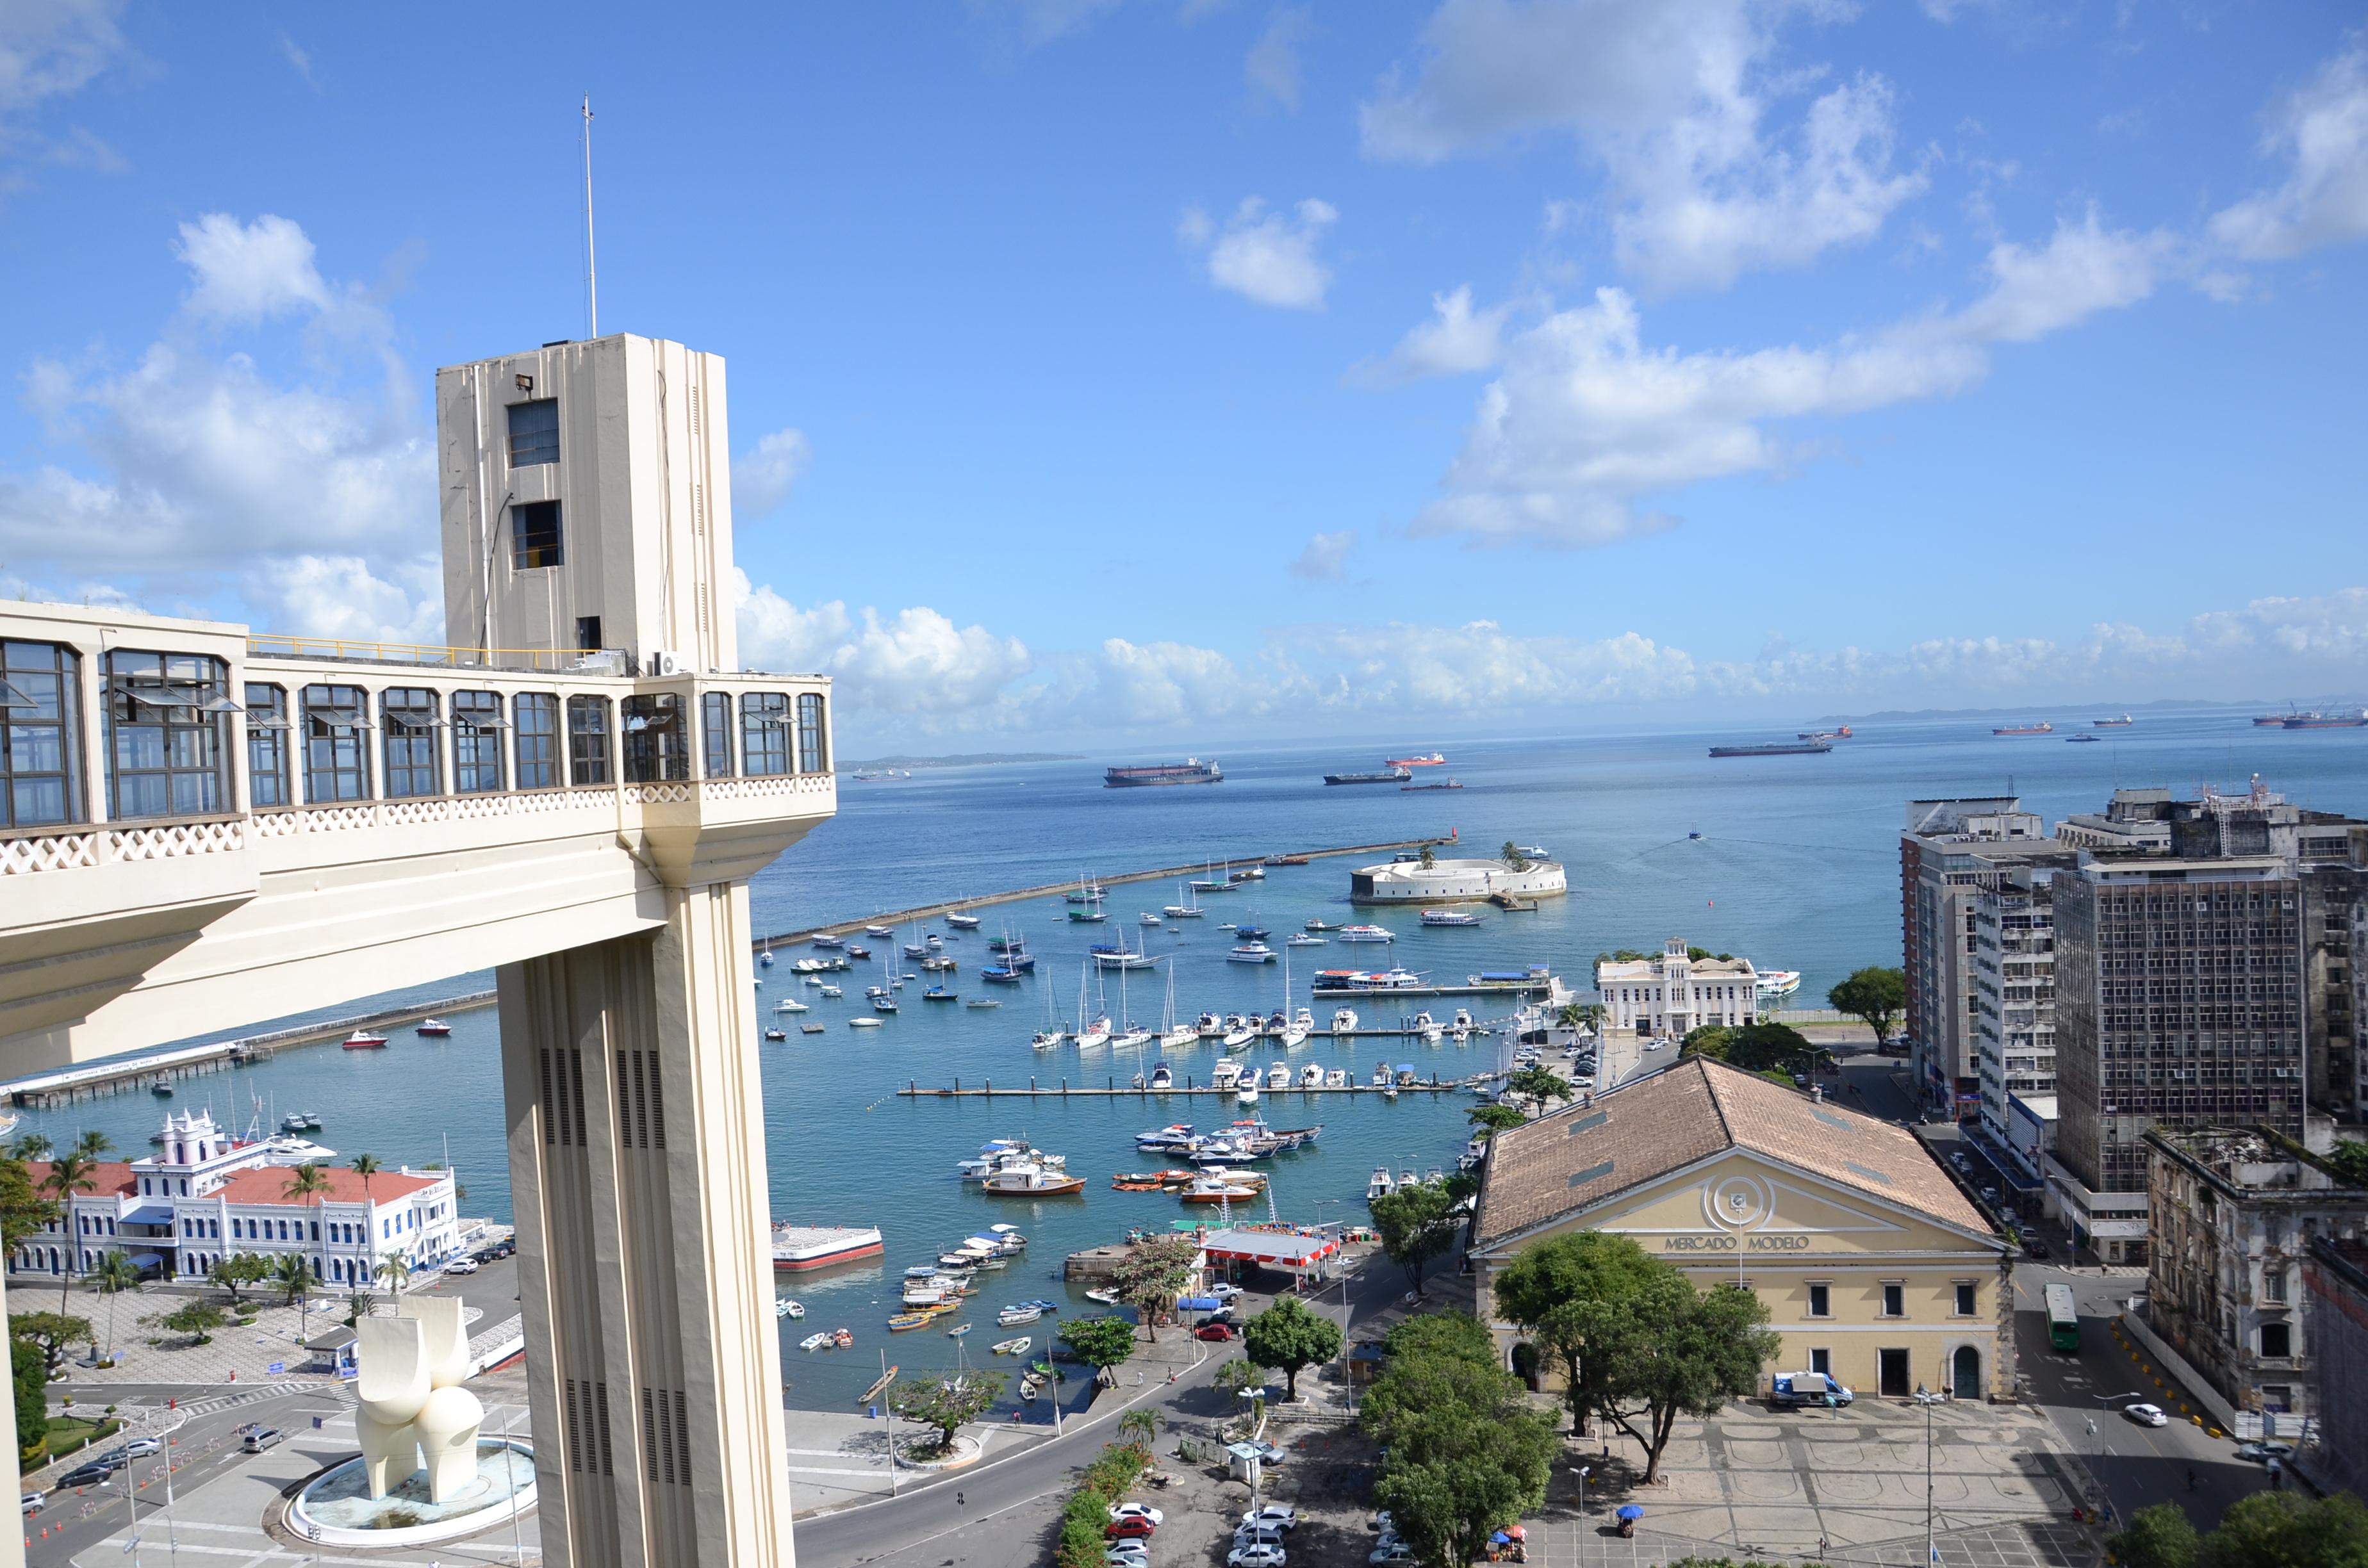 Rede hoteleira de Salvador obteve 66% de ocupação em março